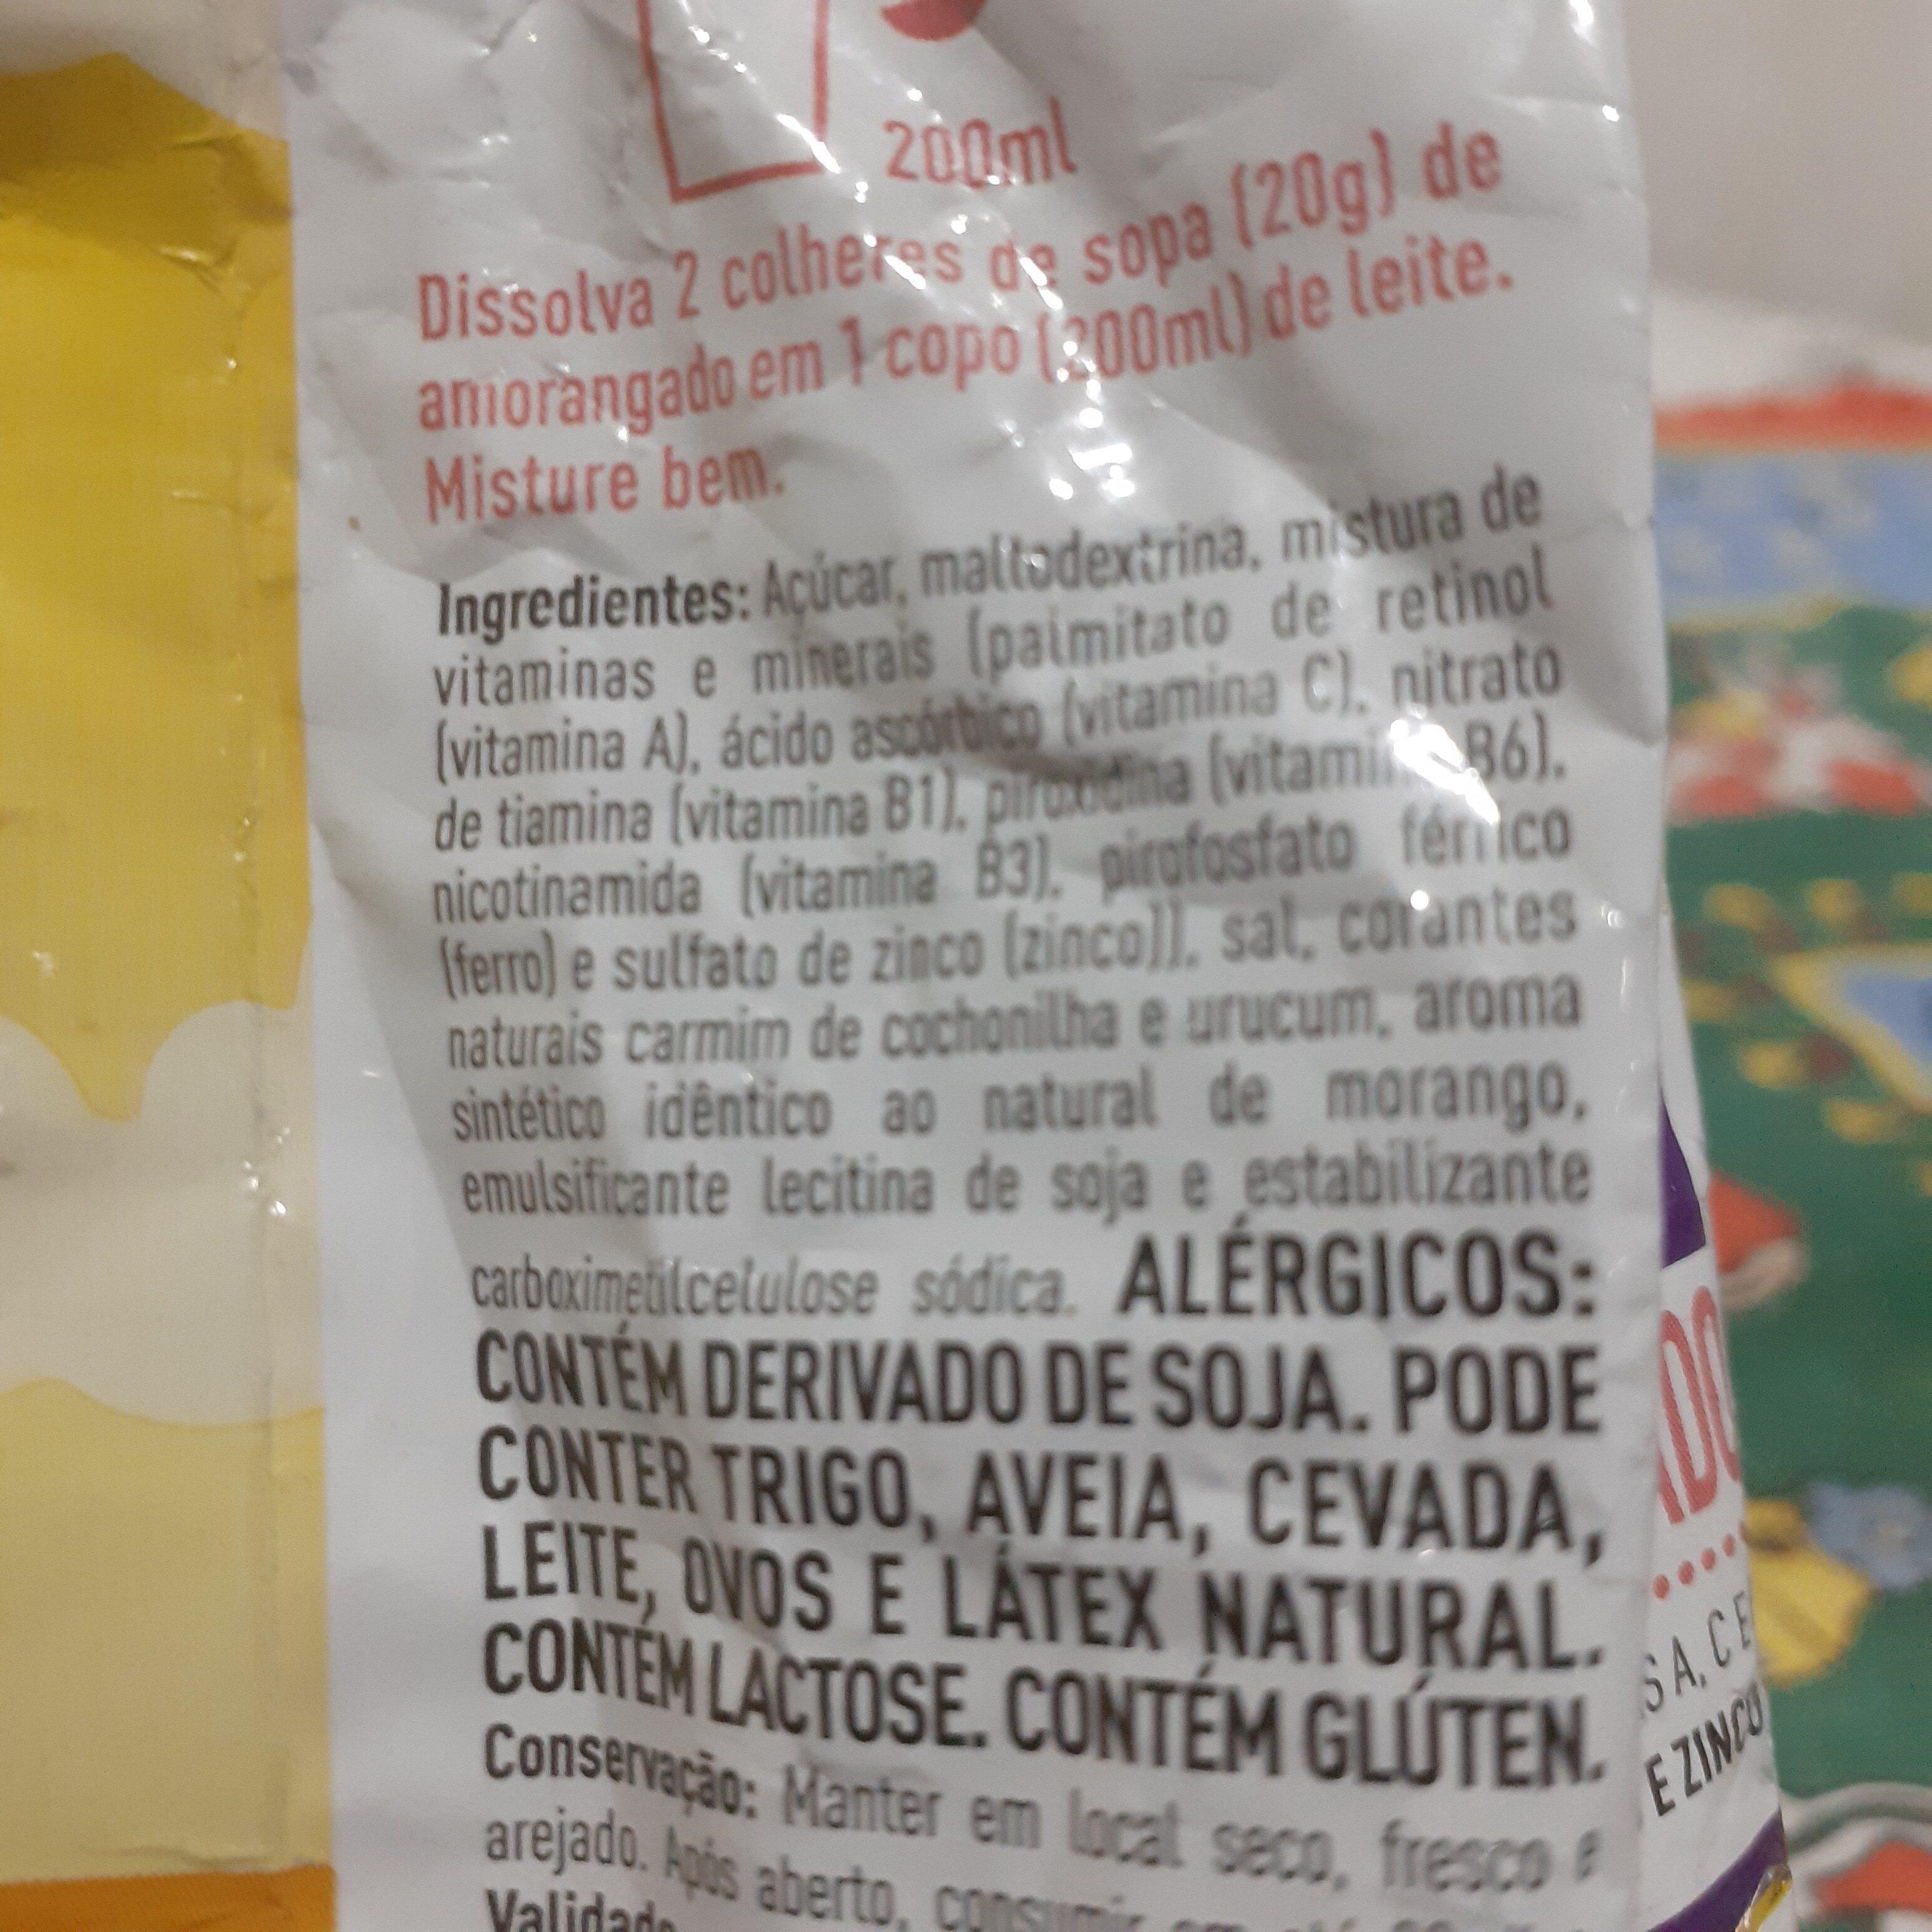 Amorangado - Ingredients - en